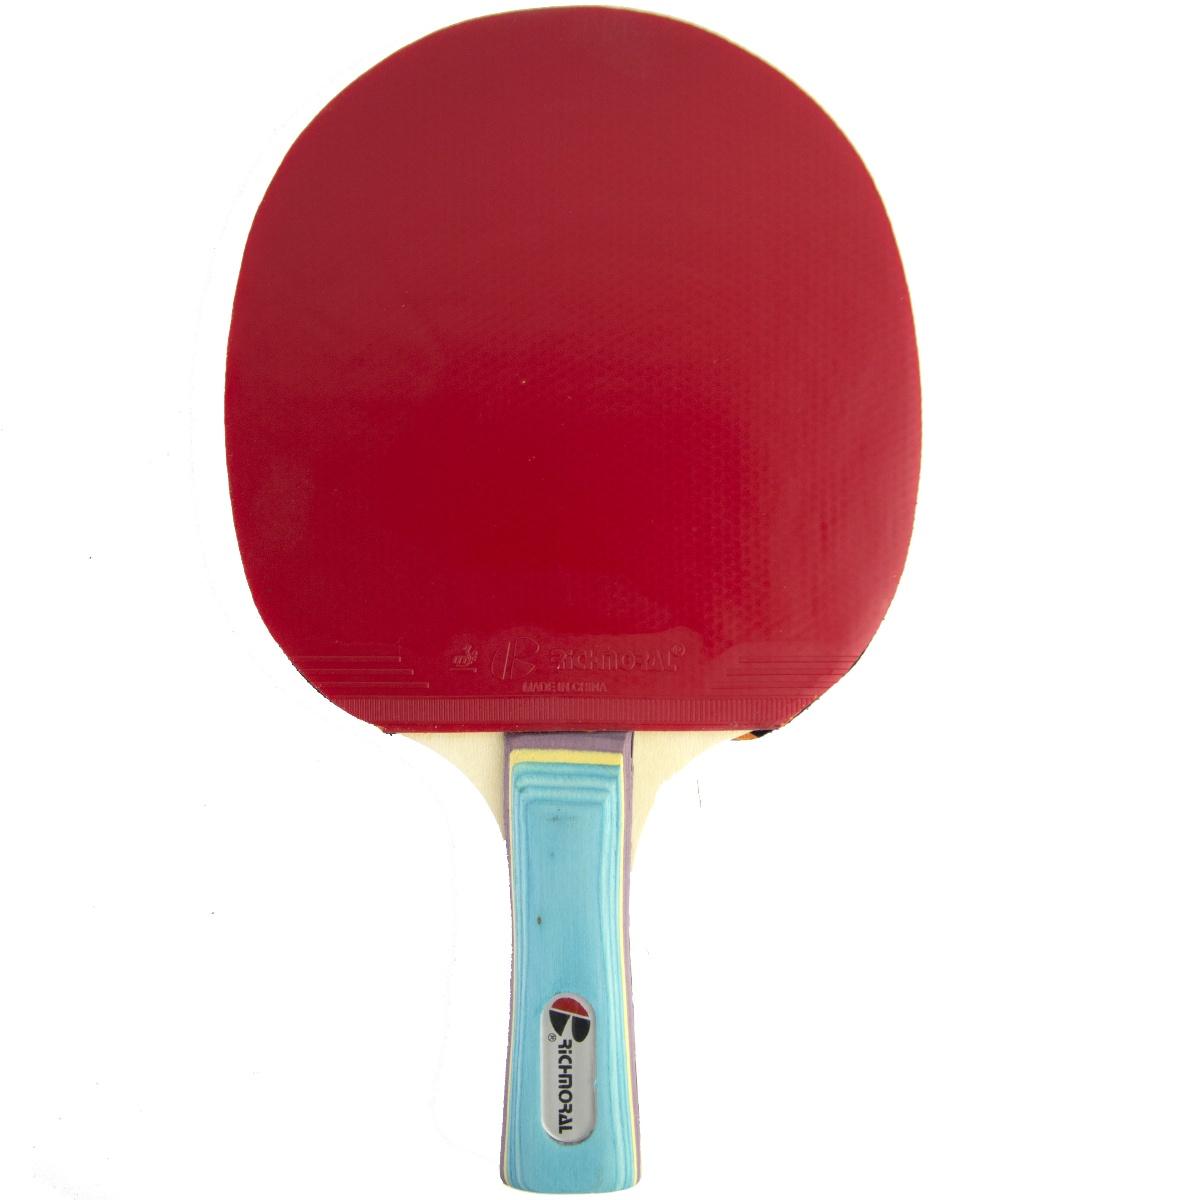 Pálka na stolní tenis RICHMORAL Master 3* S100